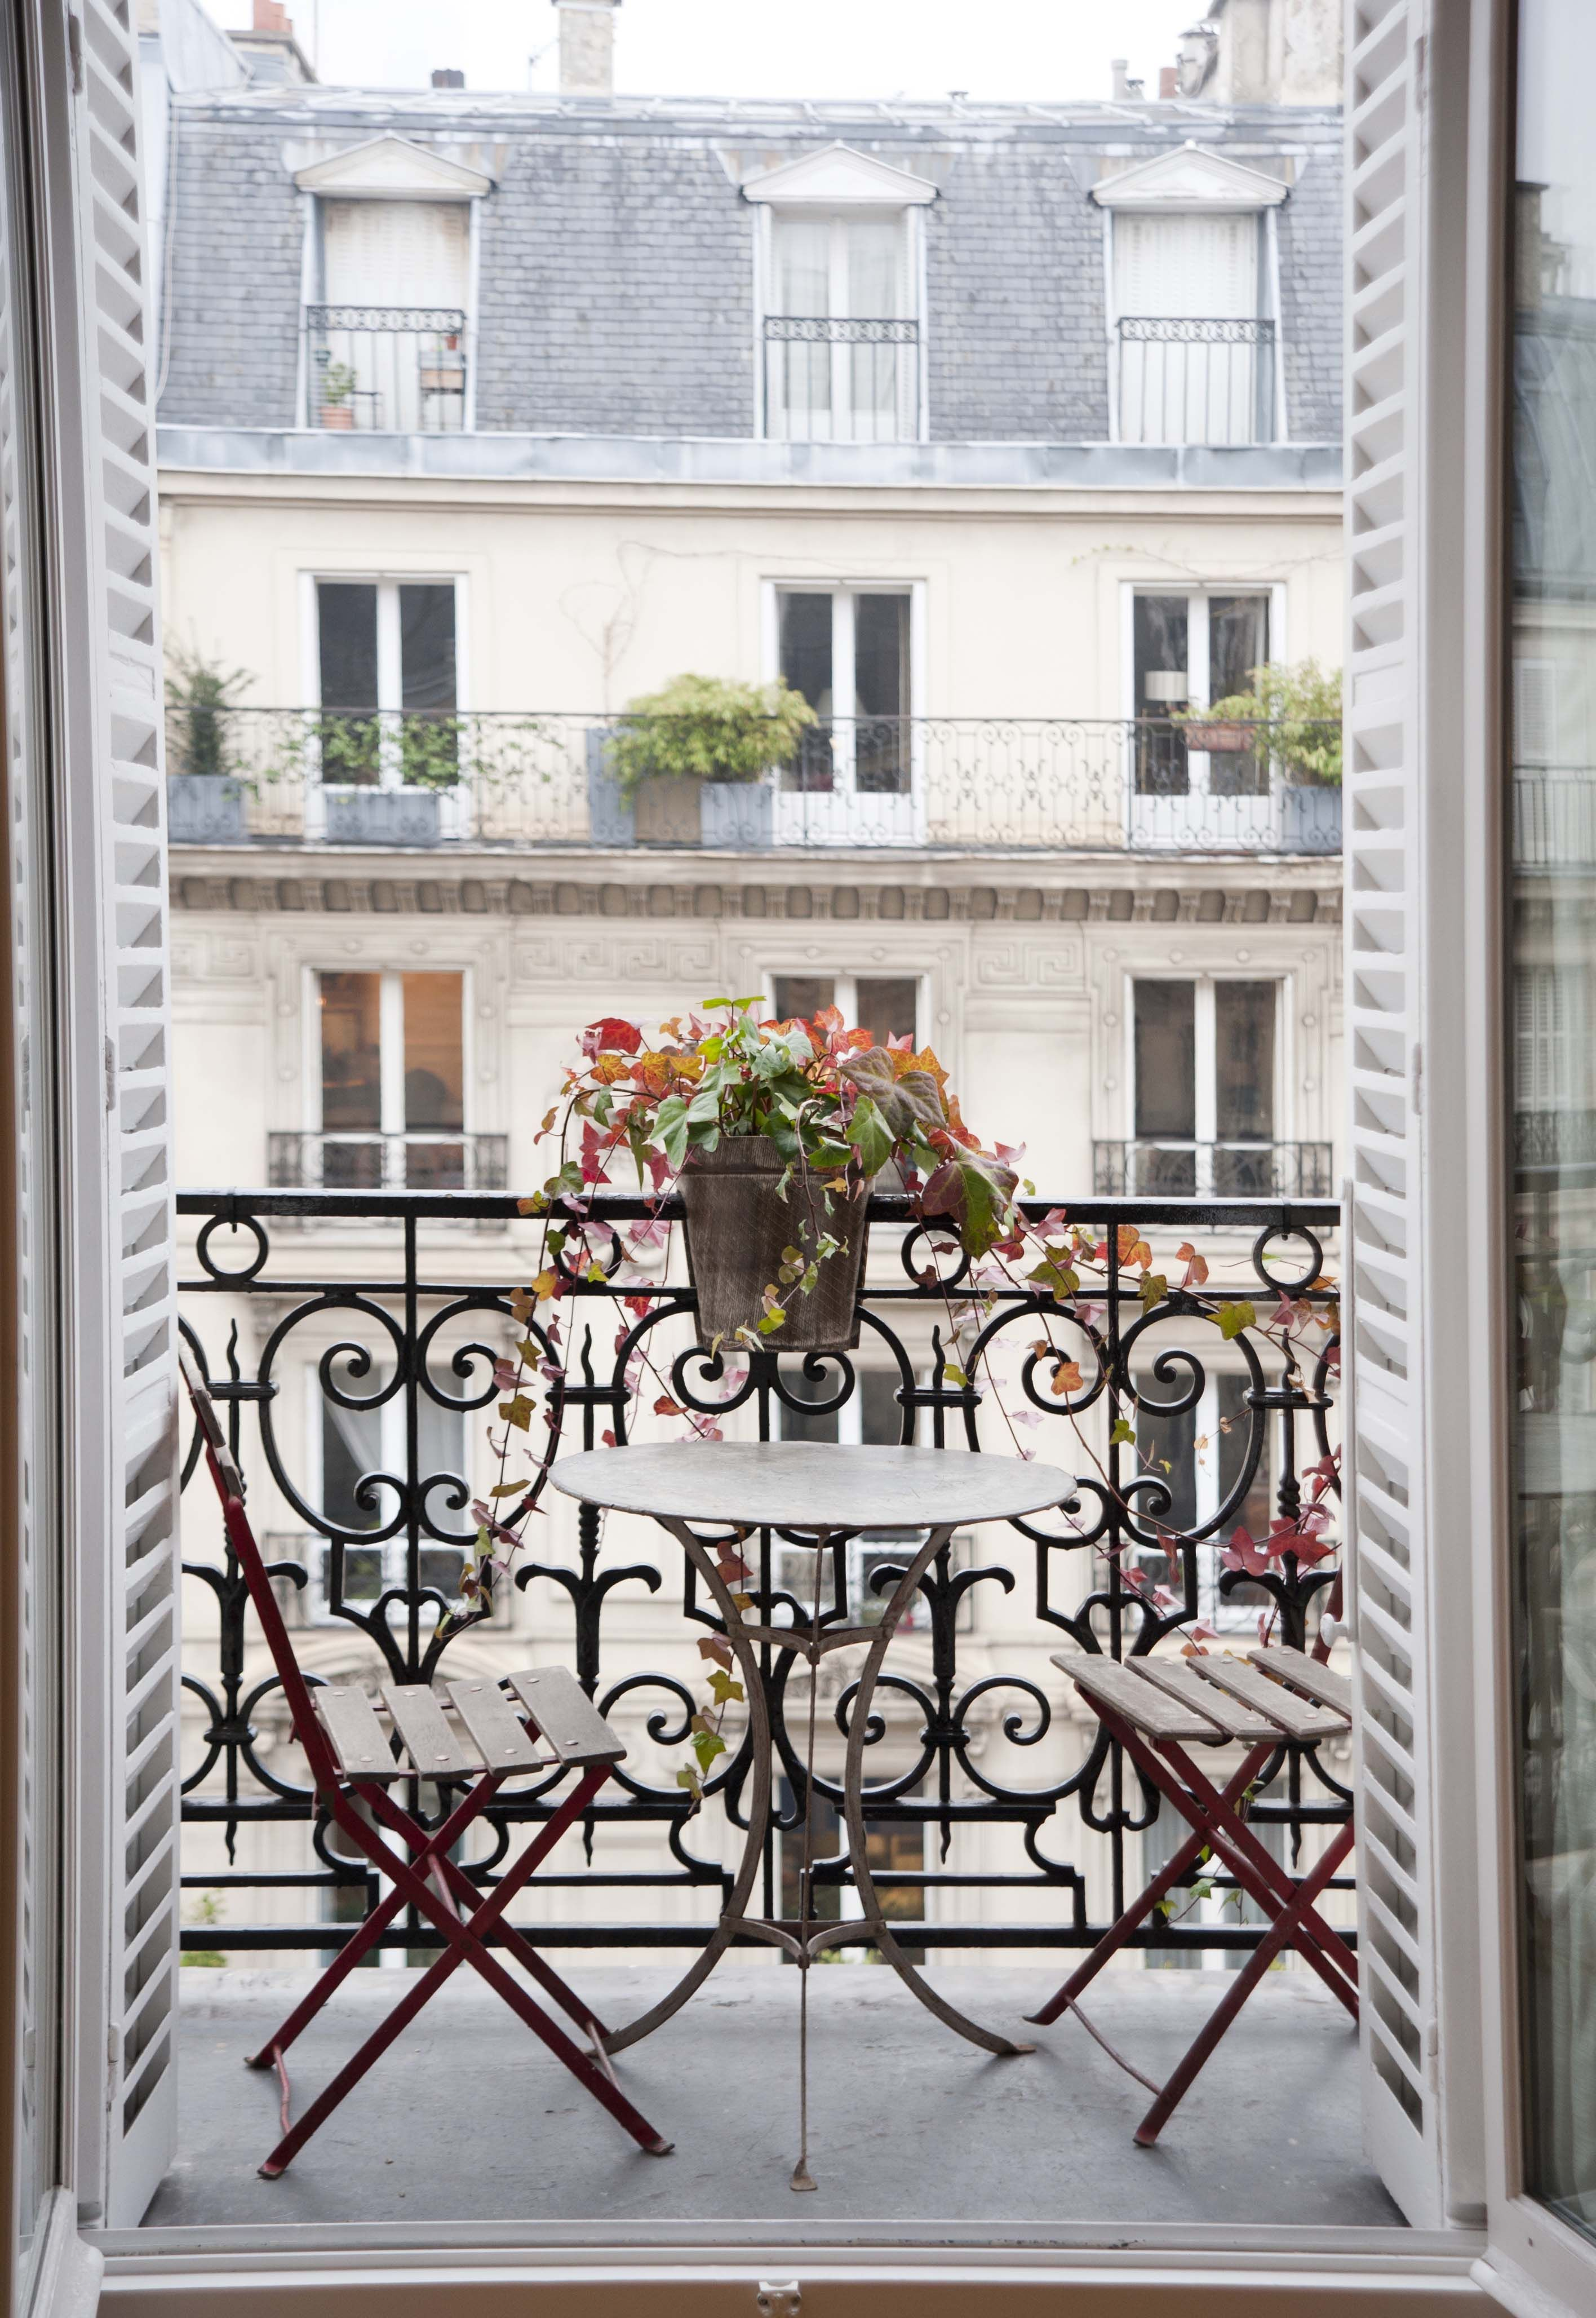 The balcon at my apartment in Paris (St-Germain-des-Près)